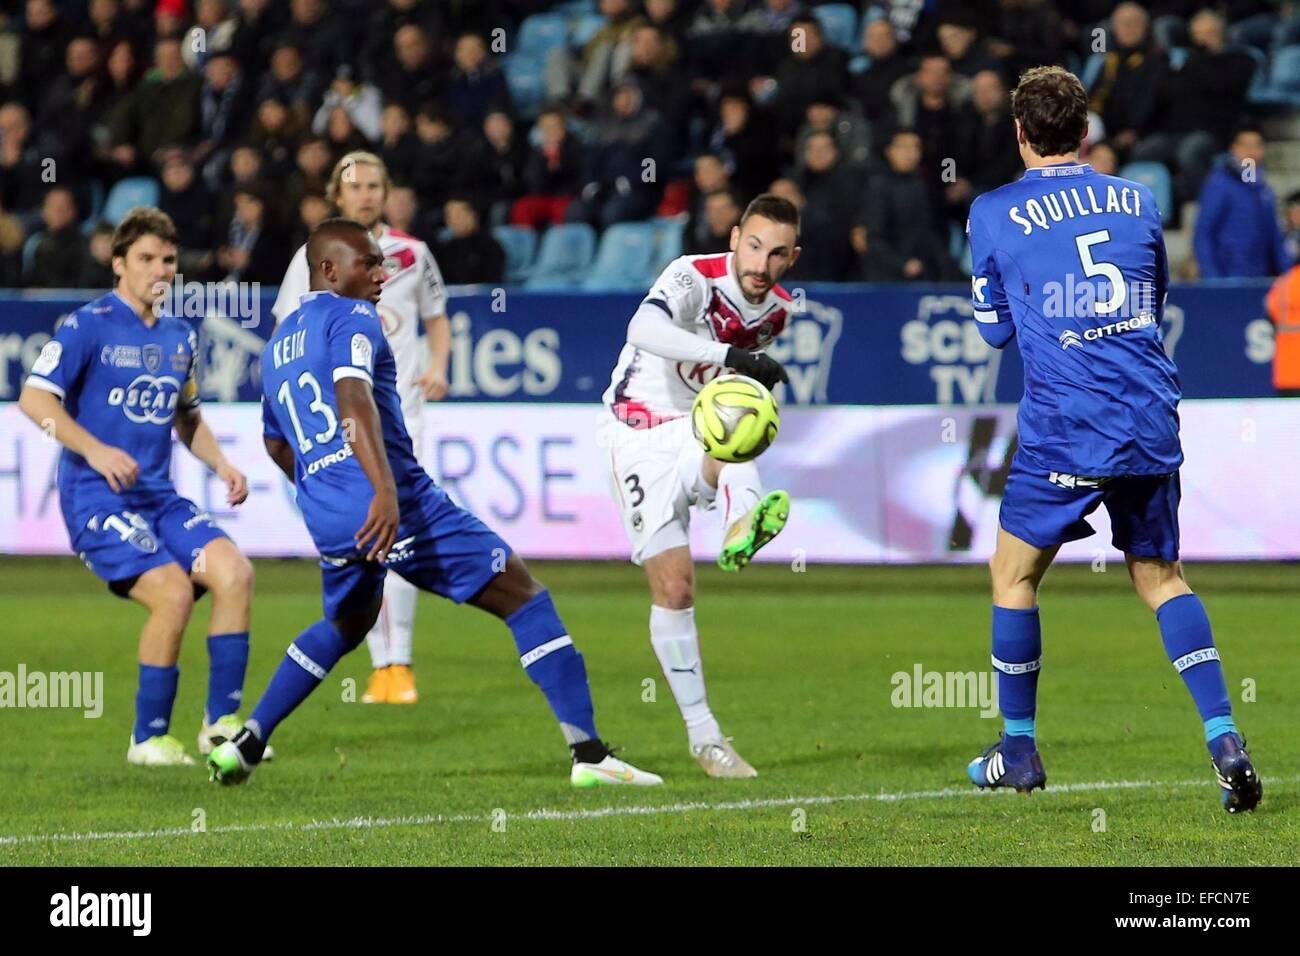 Diego contento - 24.01.2015 - Bastia/Bordeaux - 22eme journee de Ligue1.Foto : Michel Maestracci/Icona Sport.Caption Foto Stock